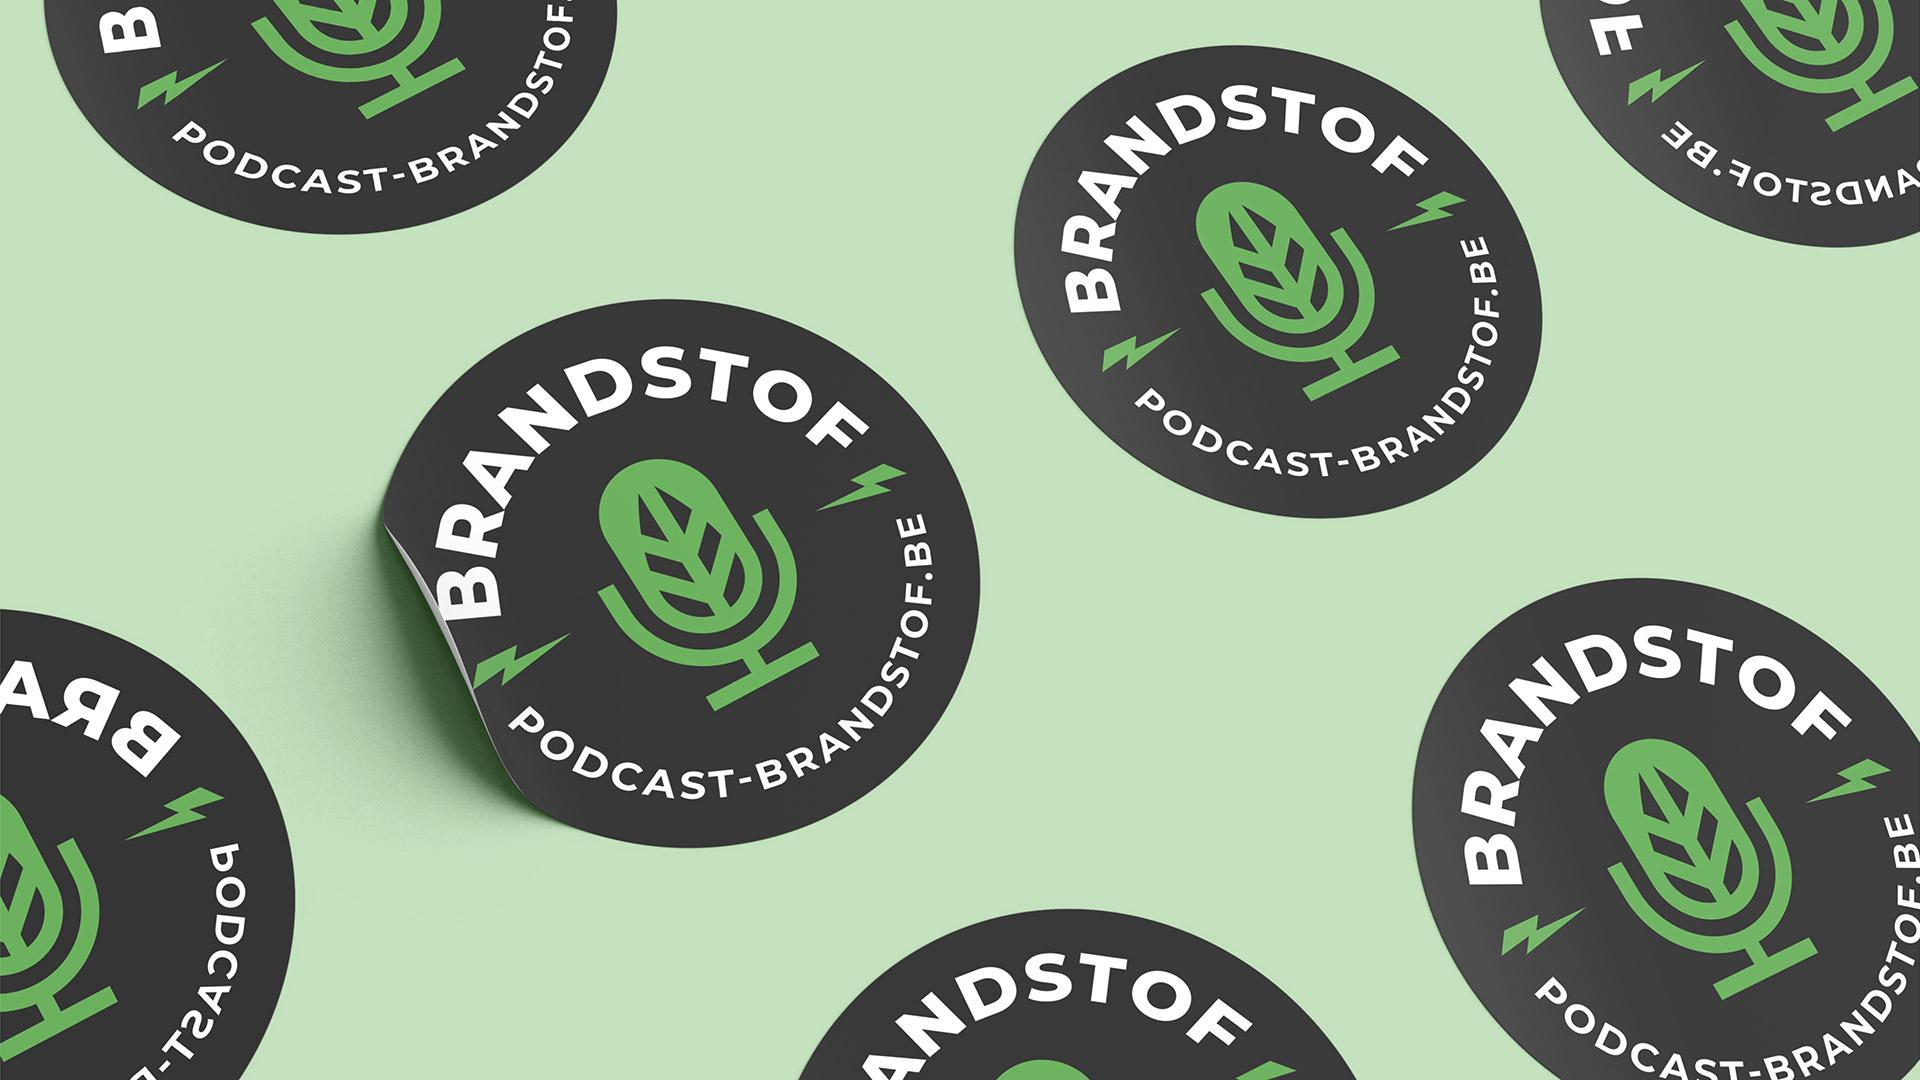 Brandstof podcast emblem